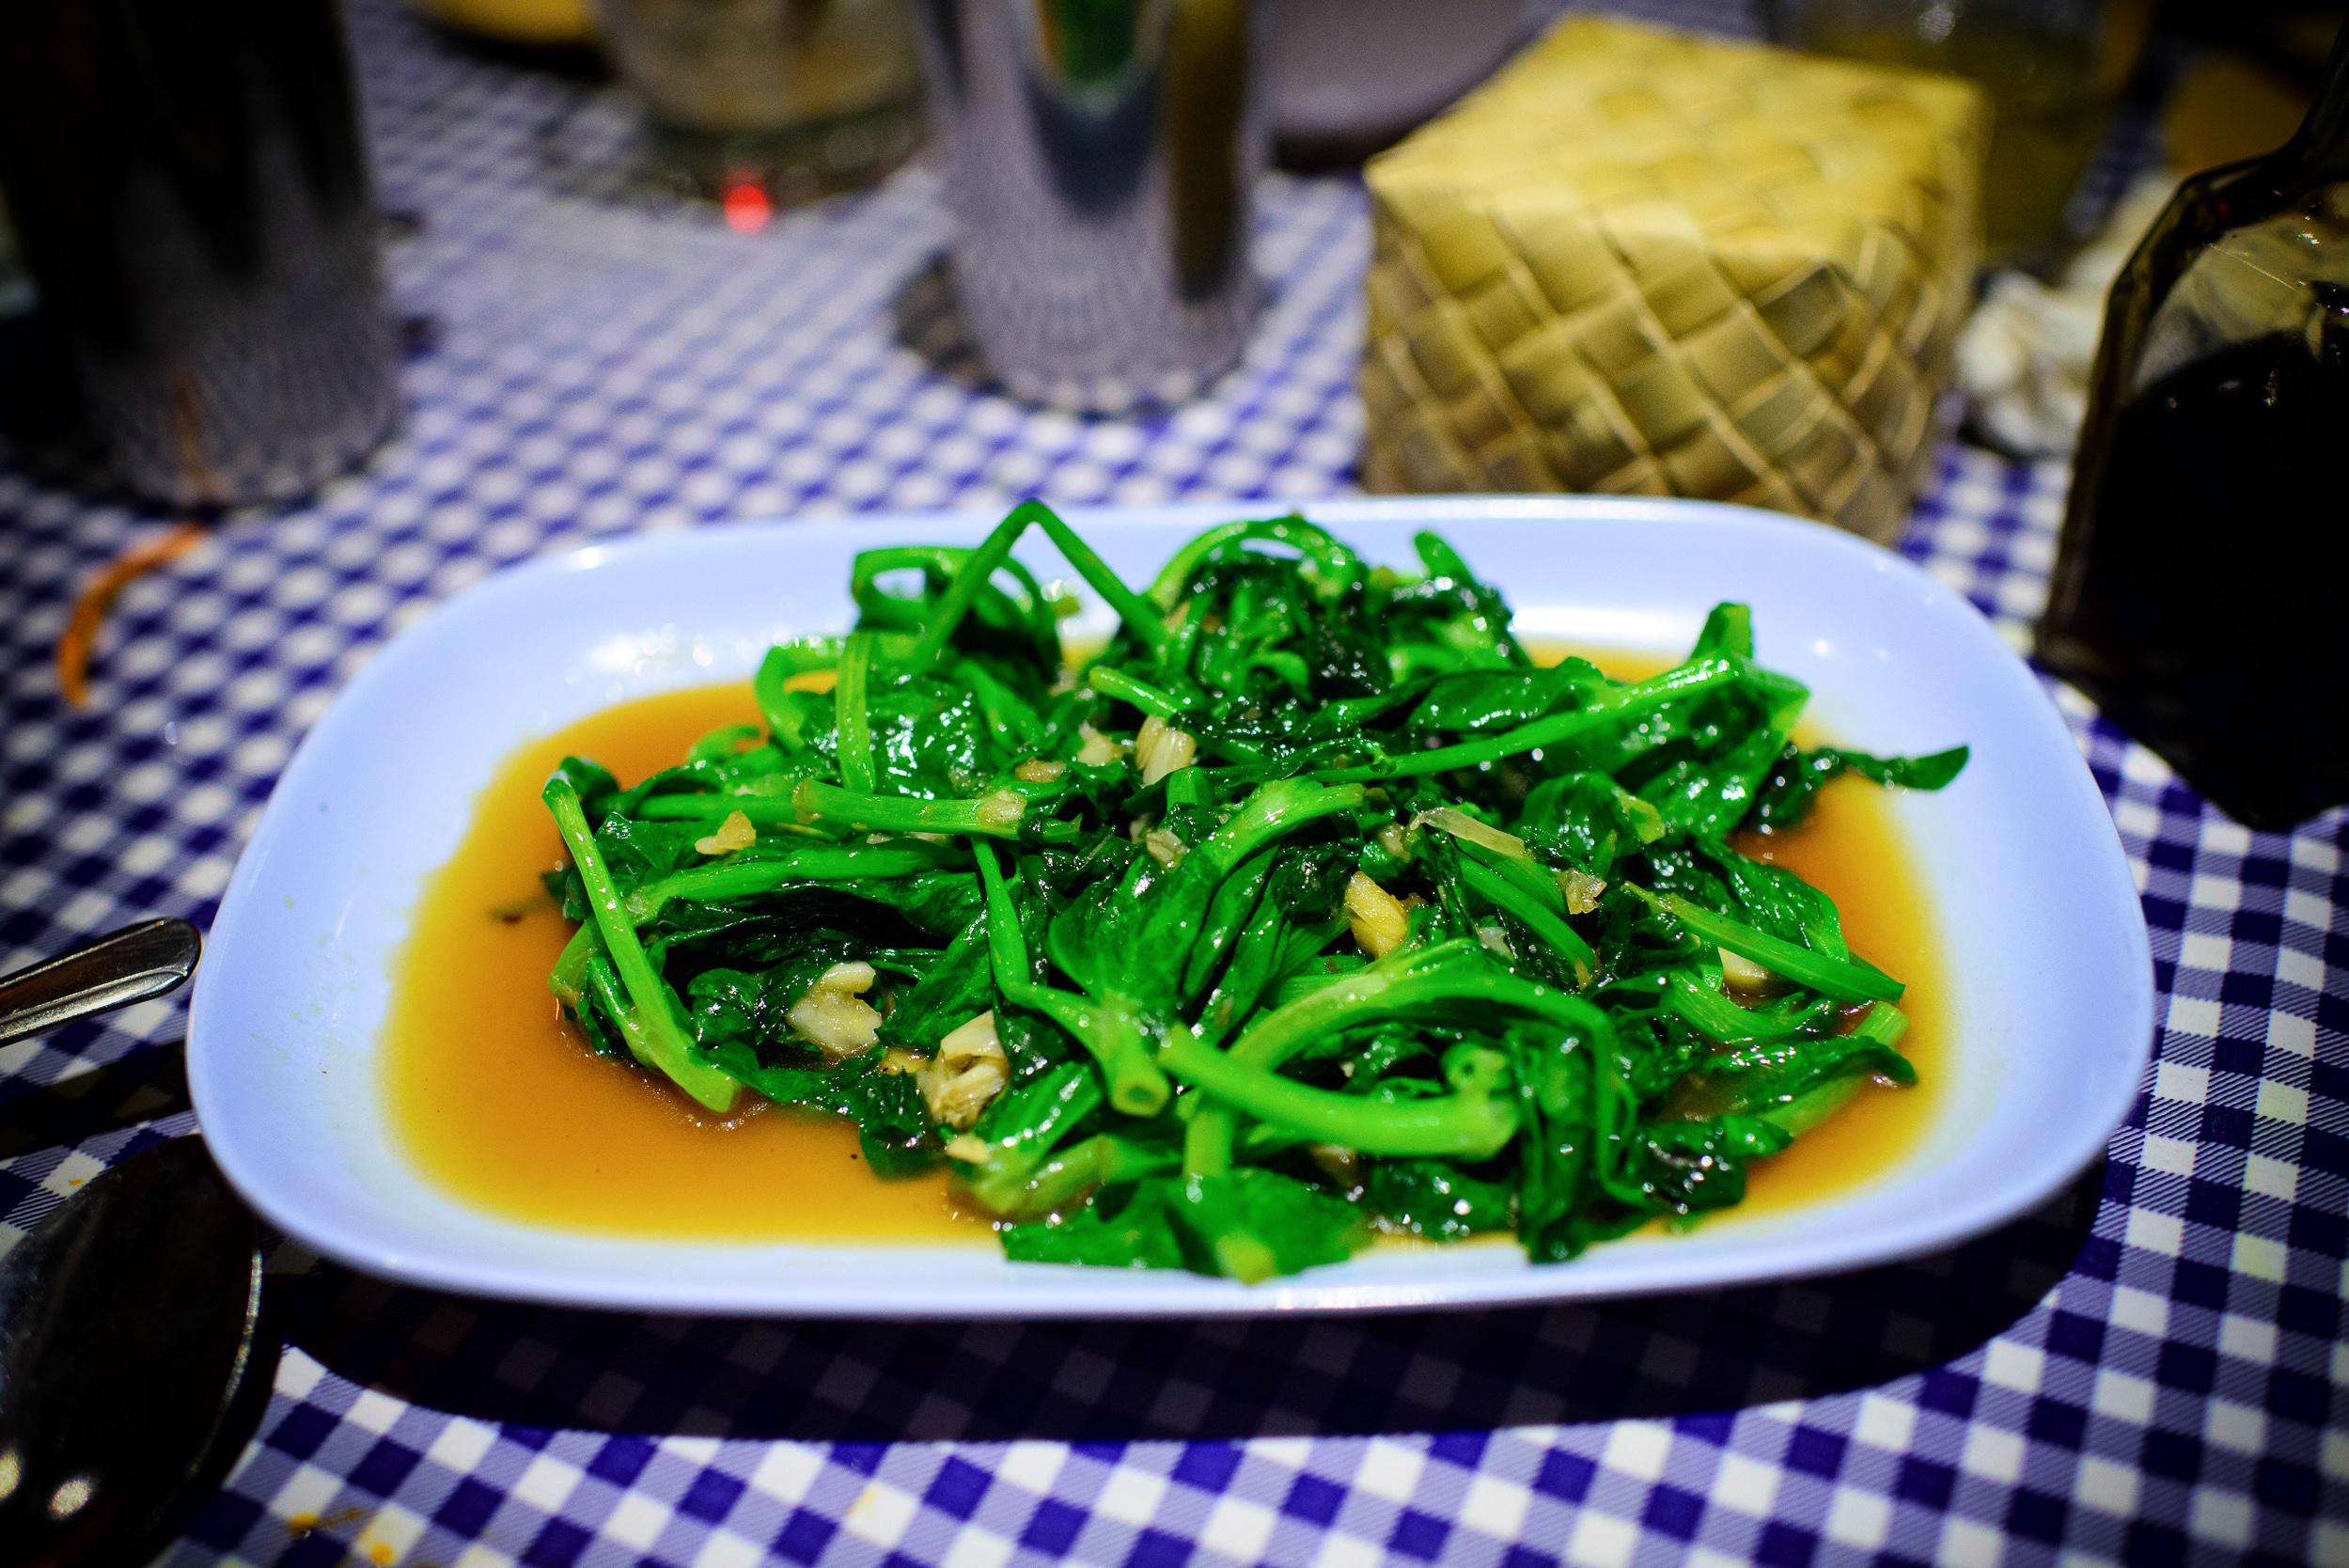 Phat Yawt Thua Lan Tao - Pea greens, stir-fried with garlic, fis